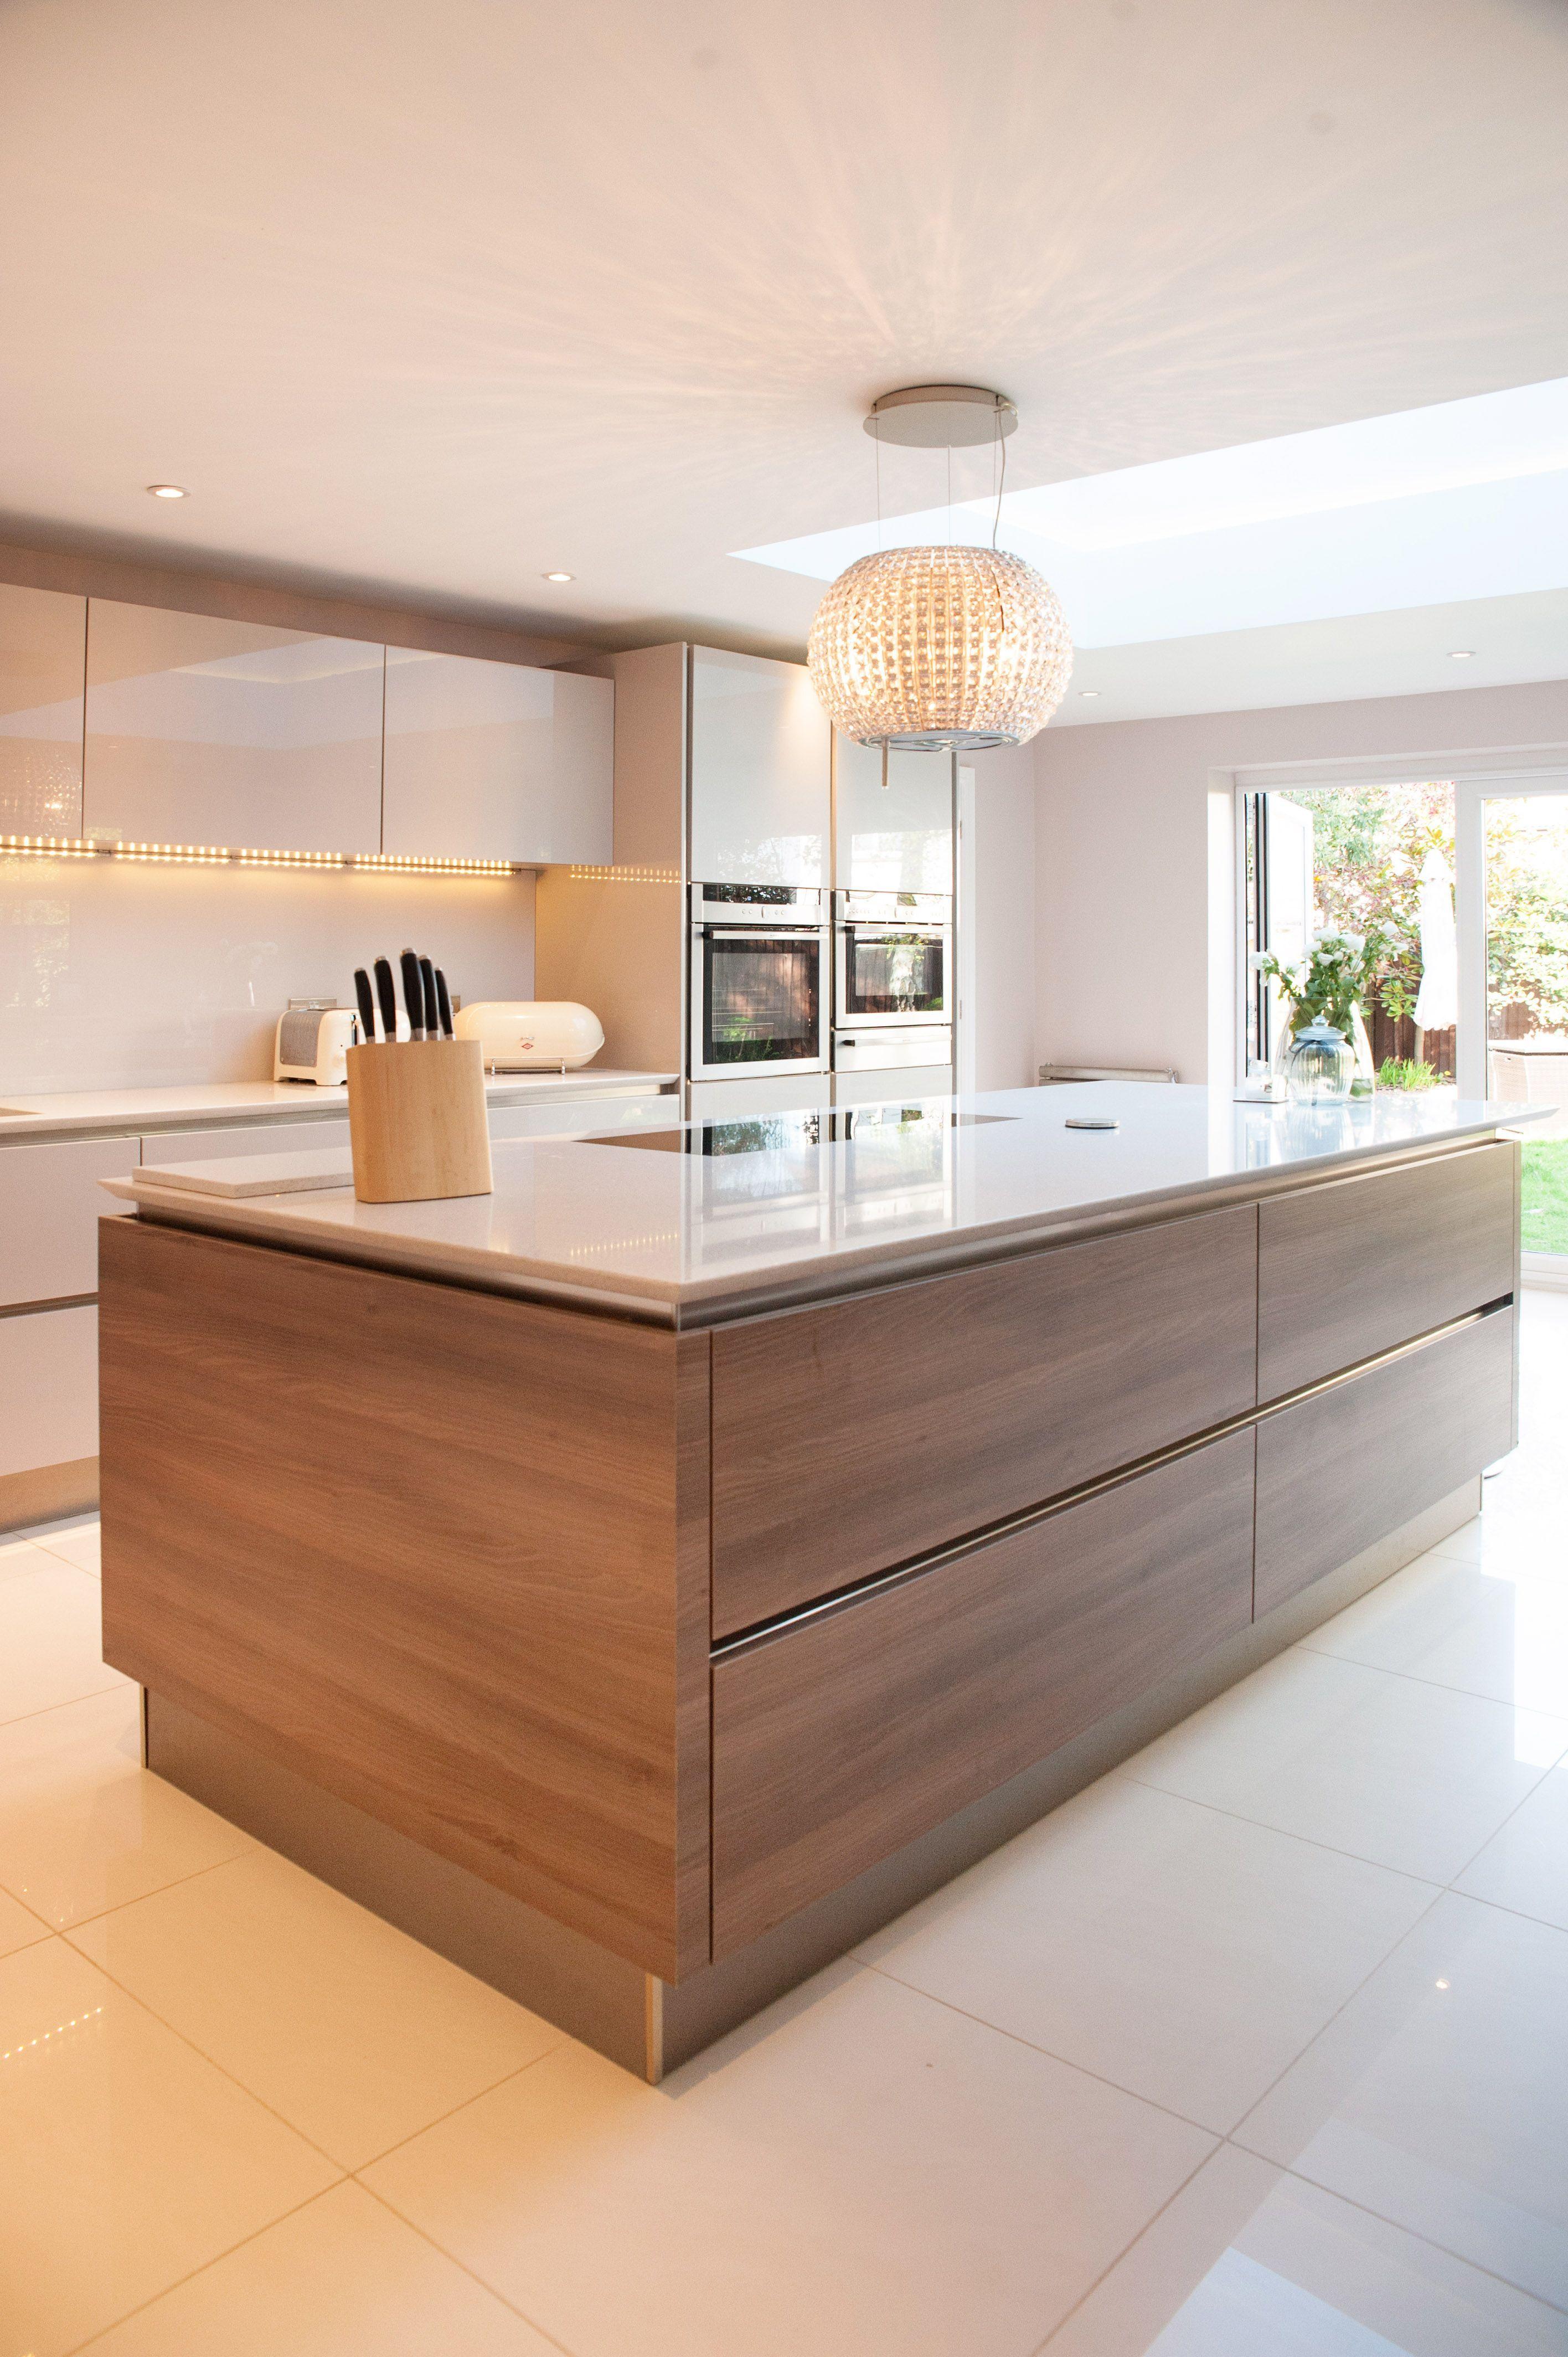 12 Inspirational Kitchen Islands Ideas | Cocinas, Decoración vintage ...